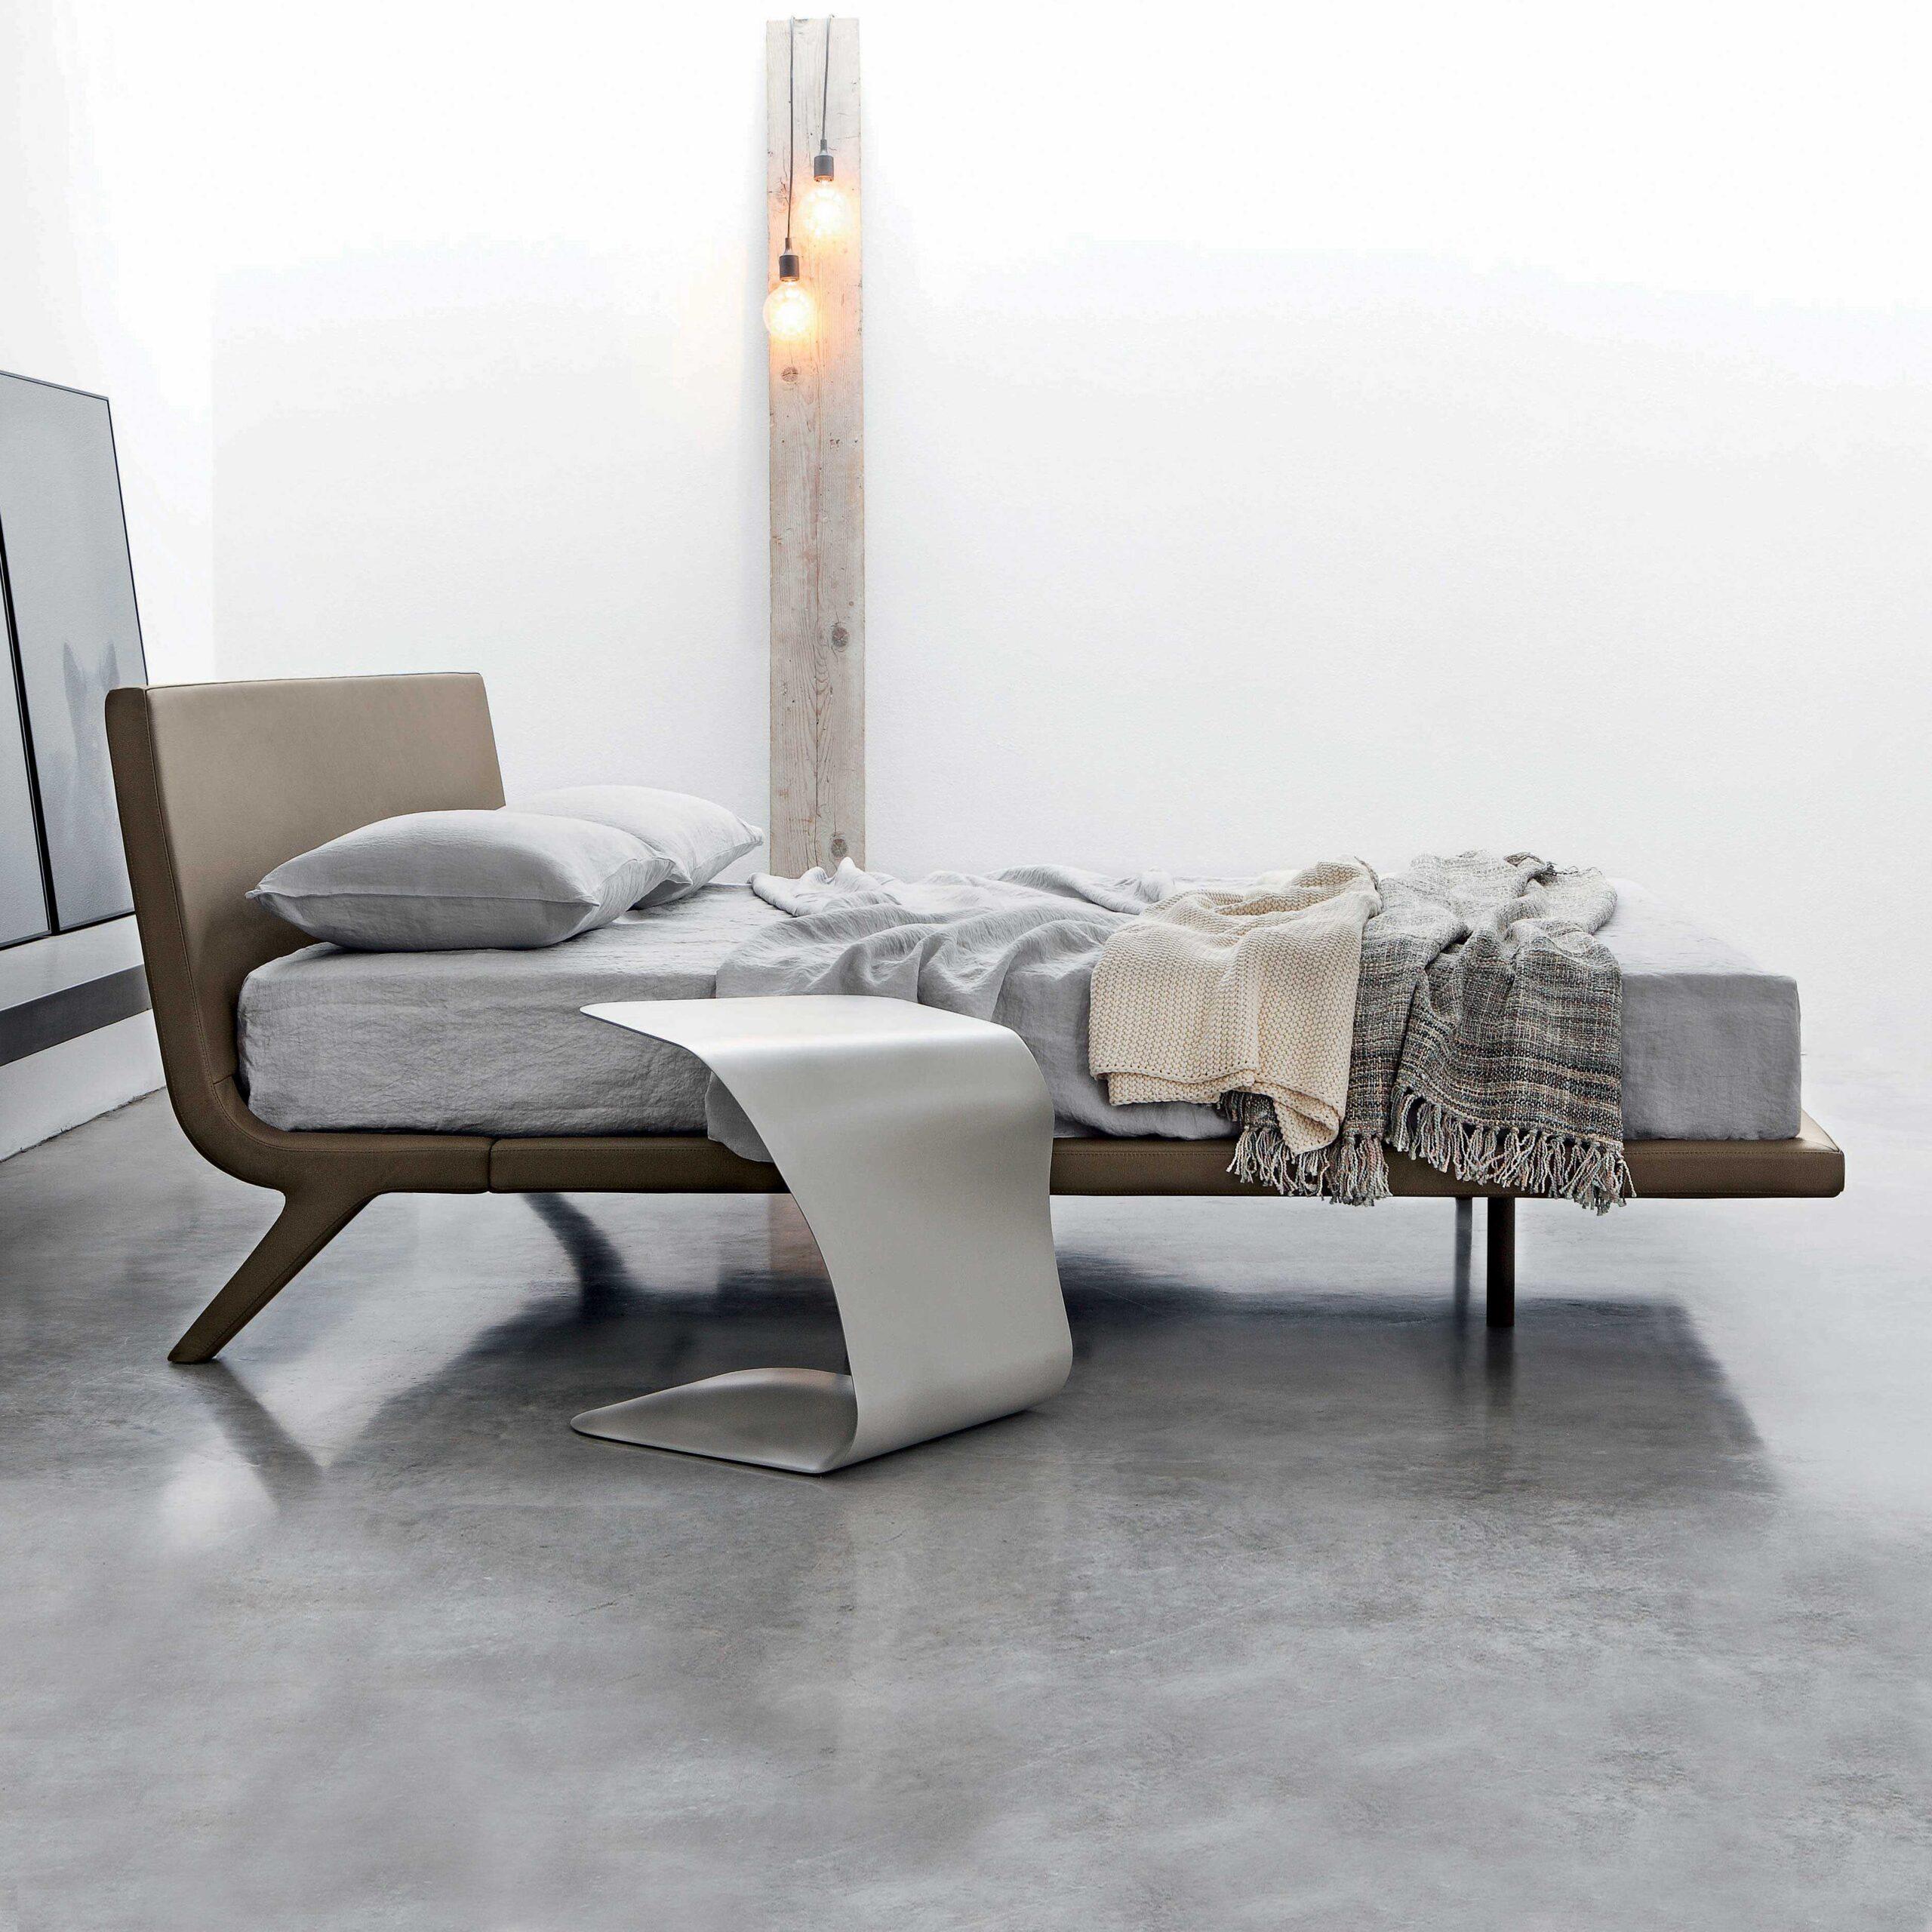 Full Size of Klappbares Doppelbett Bett Bauen Stealth Designer In Braun Von Bonaldo Diotticom Ausklappbares Wohnzimmer Klappbares Doppelbett